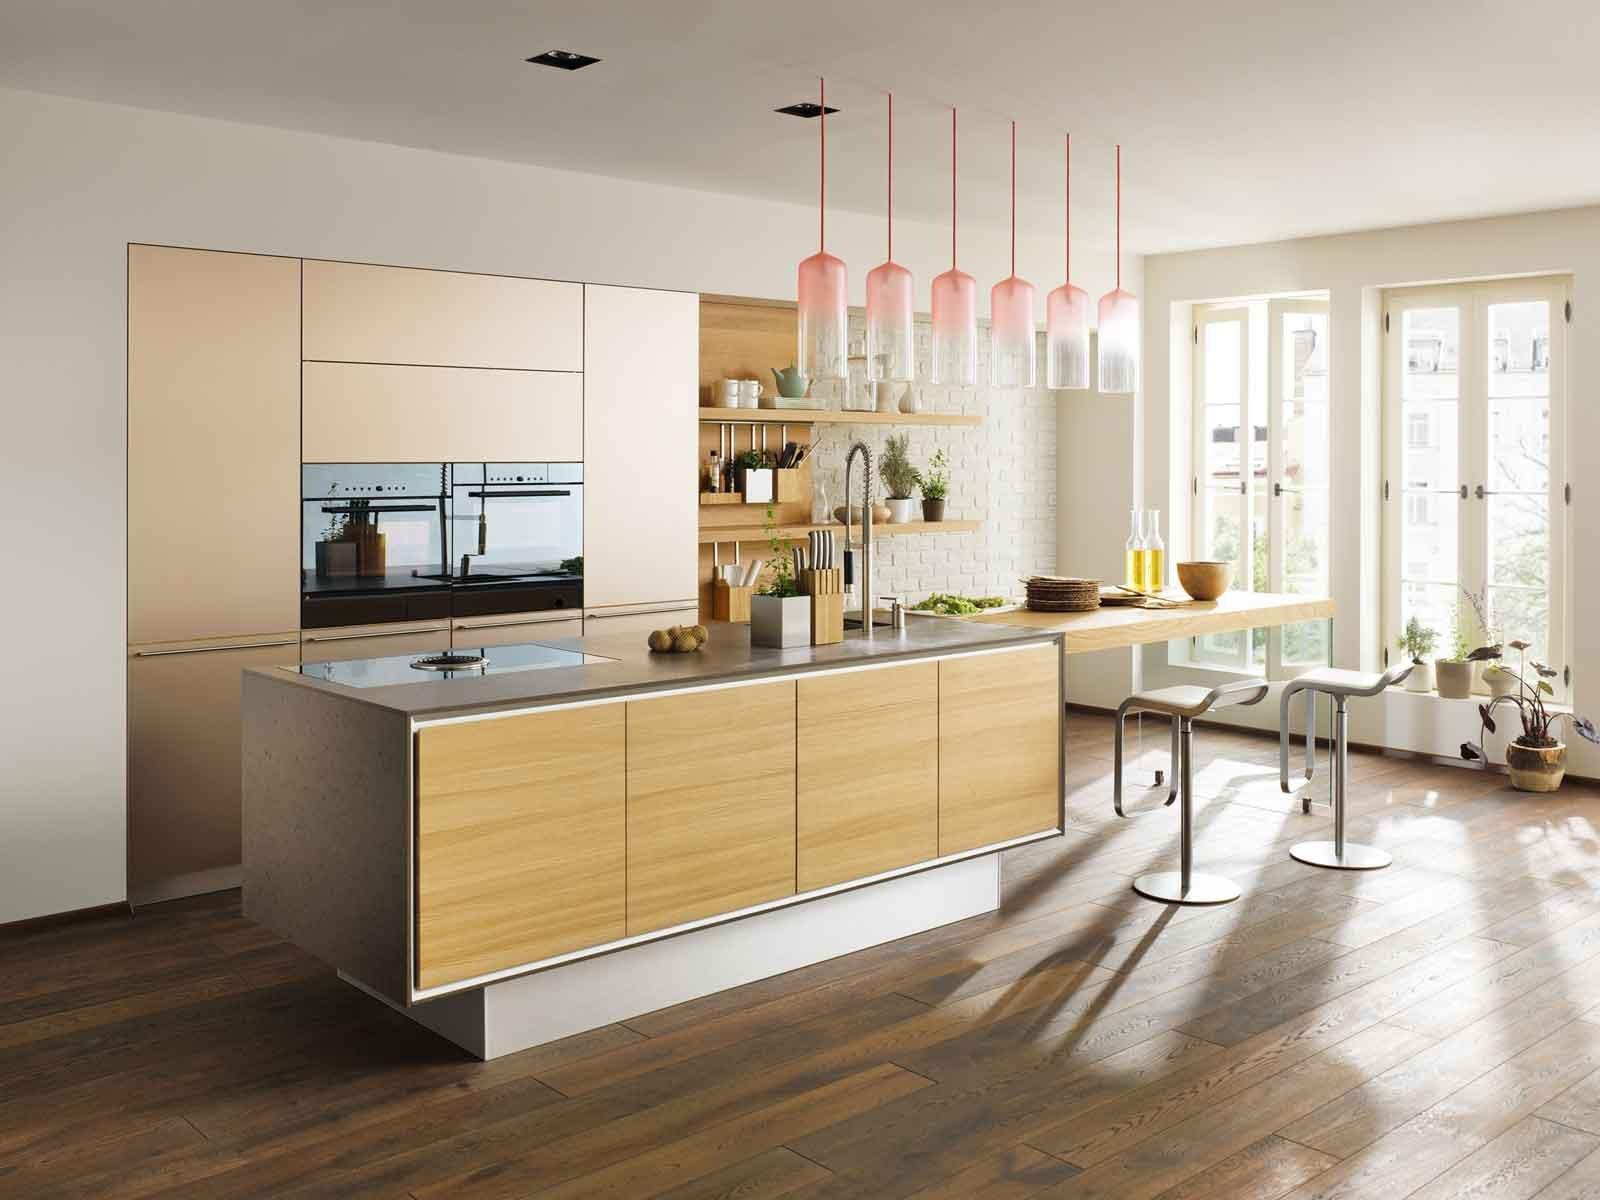 Boiserie Da Cucina : Cucine con elementi a boiserie cose di casa